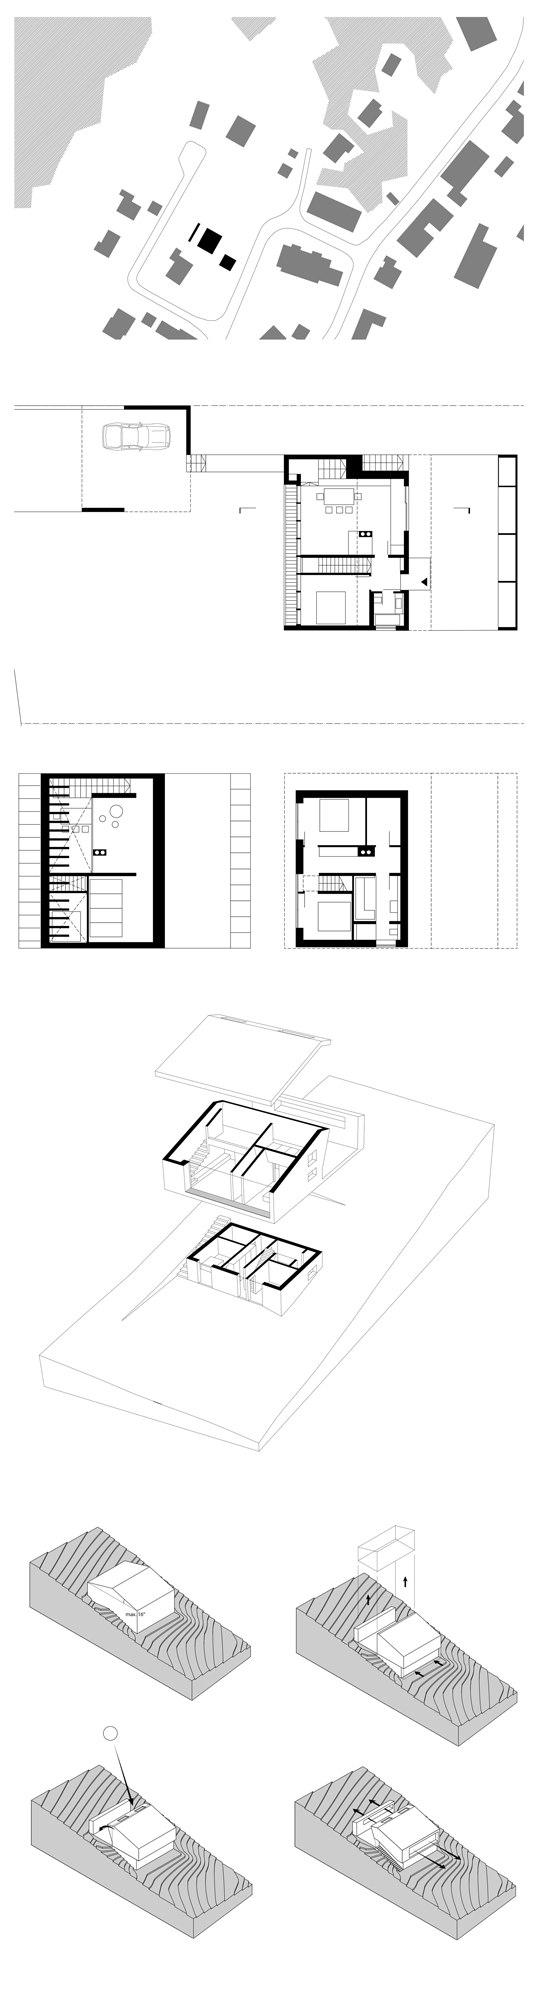 Haus p von yonder architektur und design einfamilienh user for Architektur und design